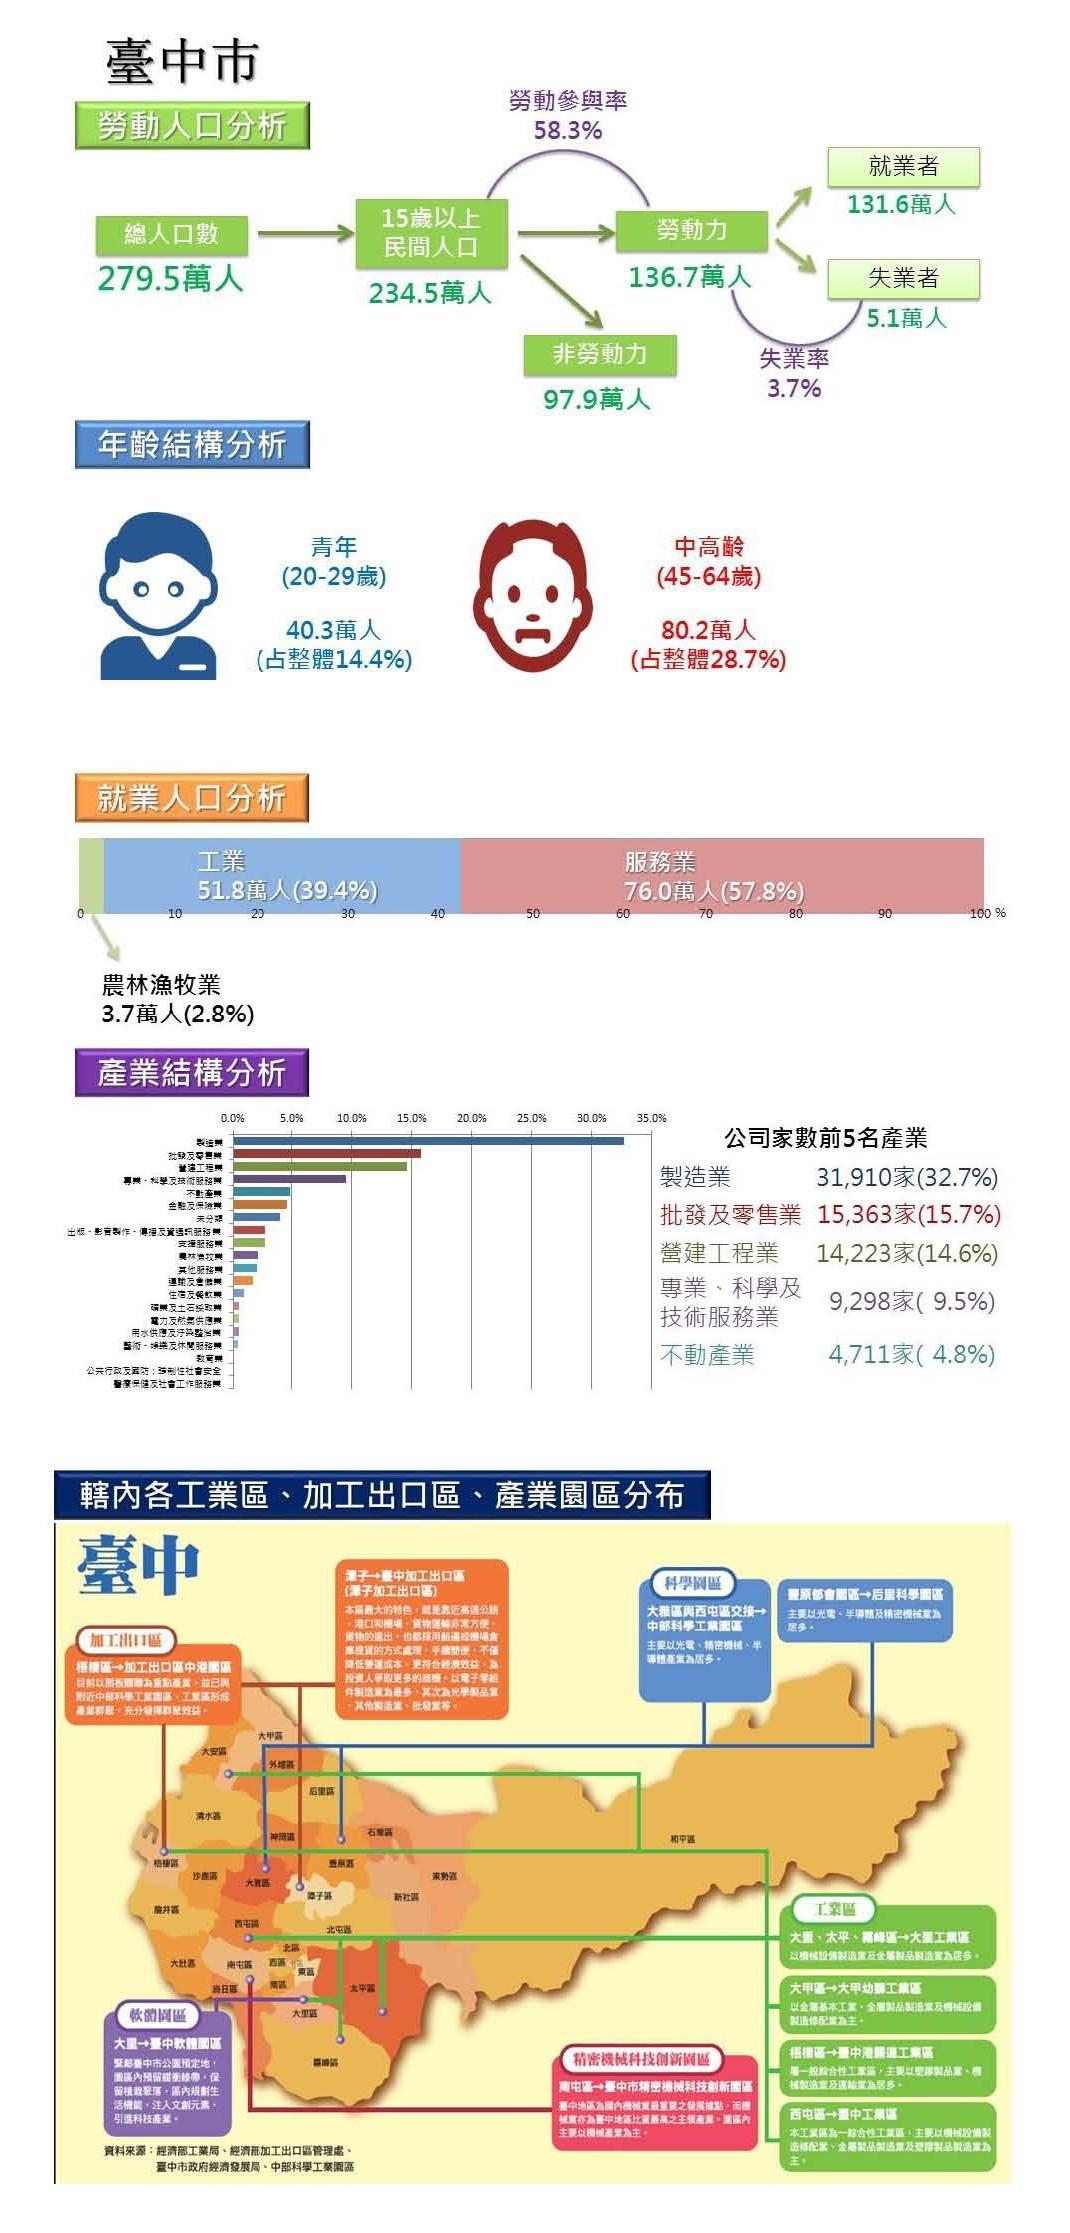 臺中勞動人口分析圖